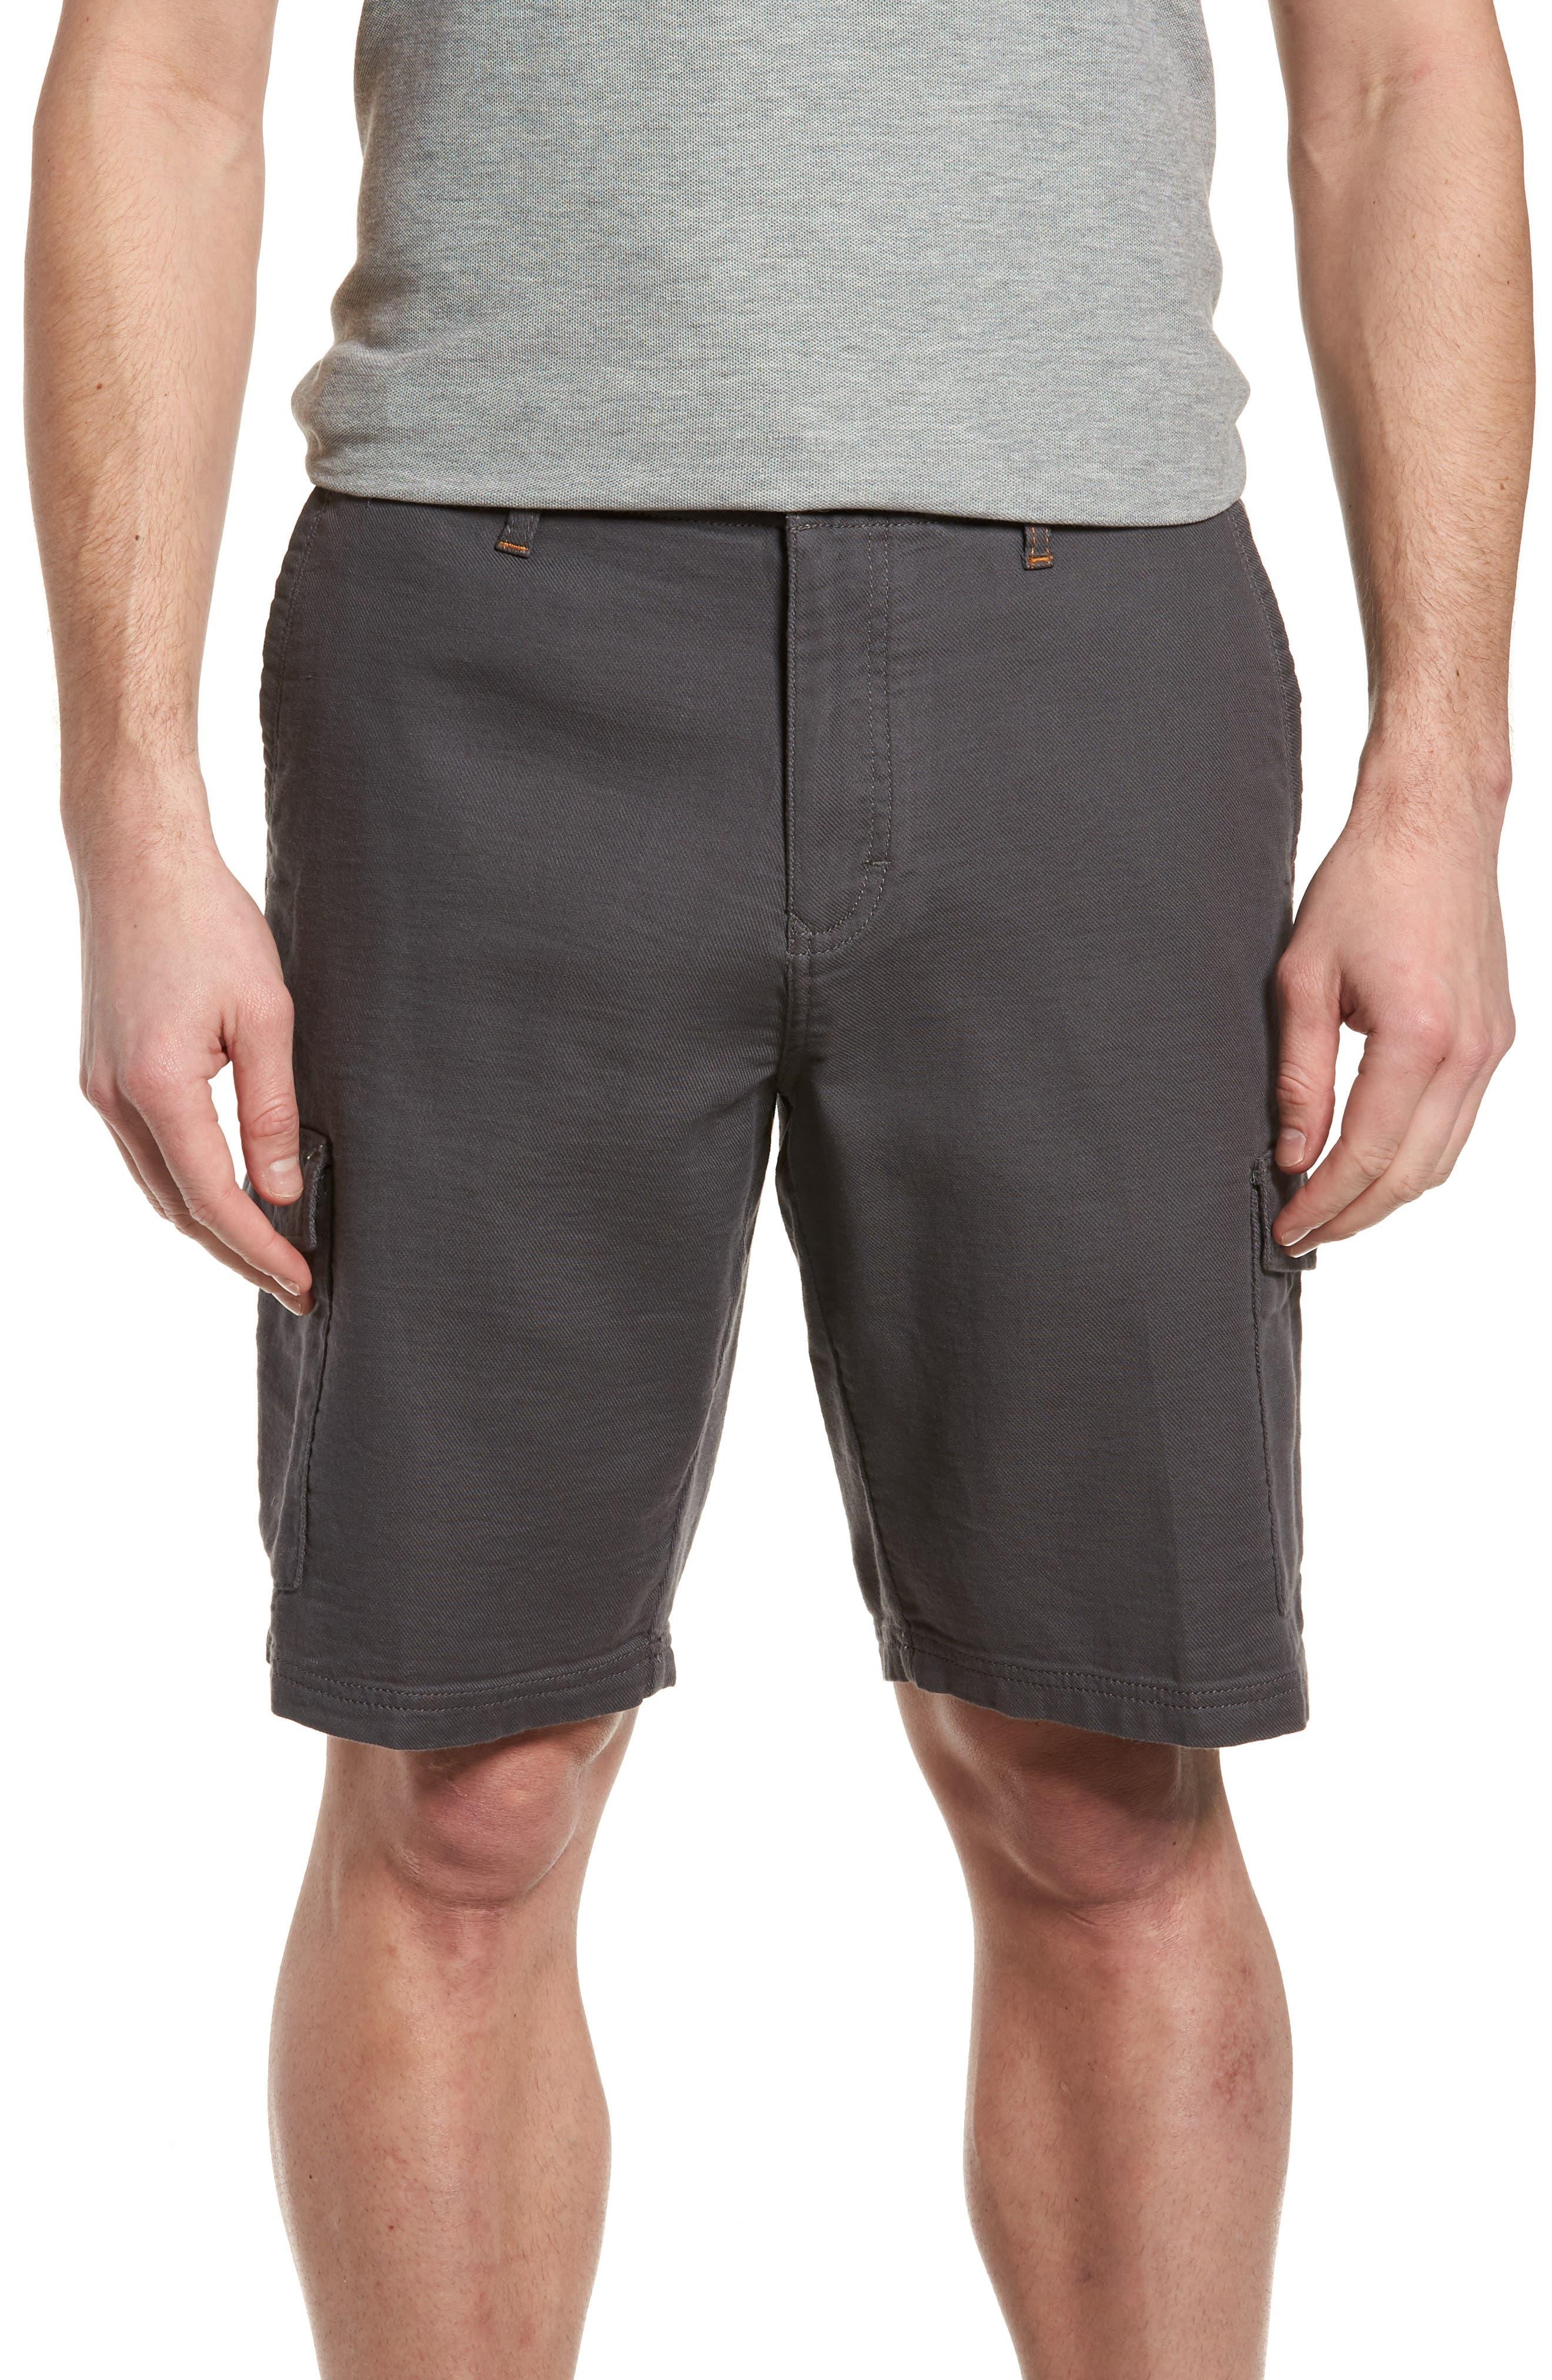 Alternate Image 1 Selected - Tommy Bahama Edgewood Cargo Shorts